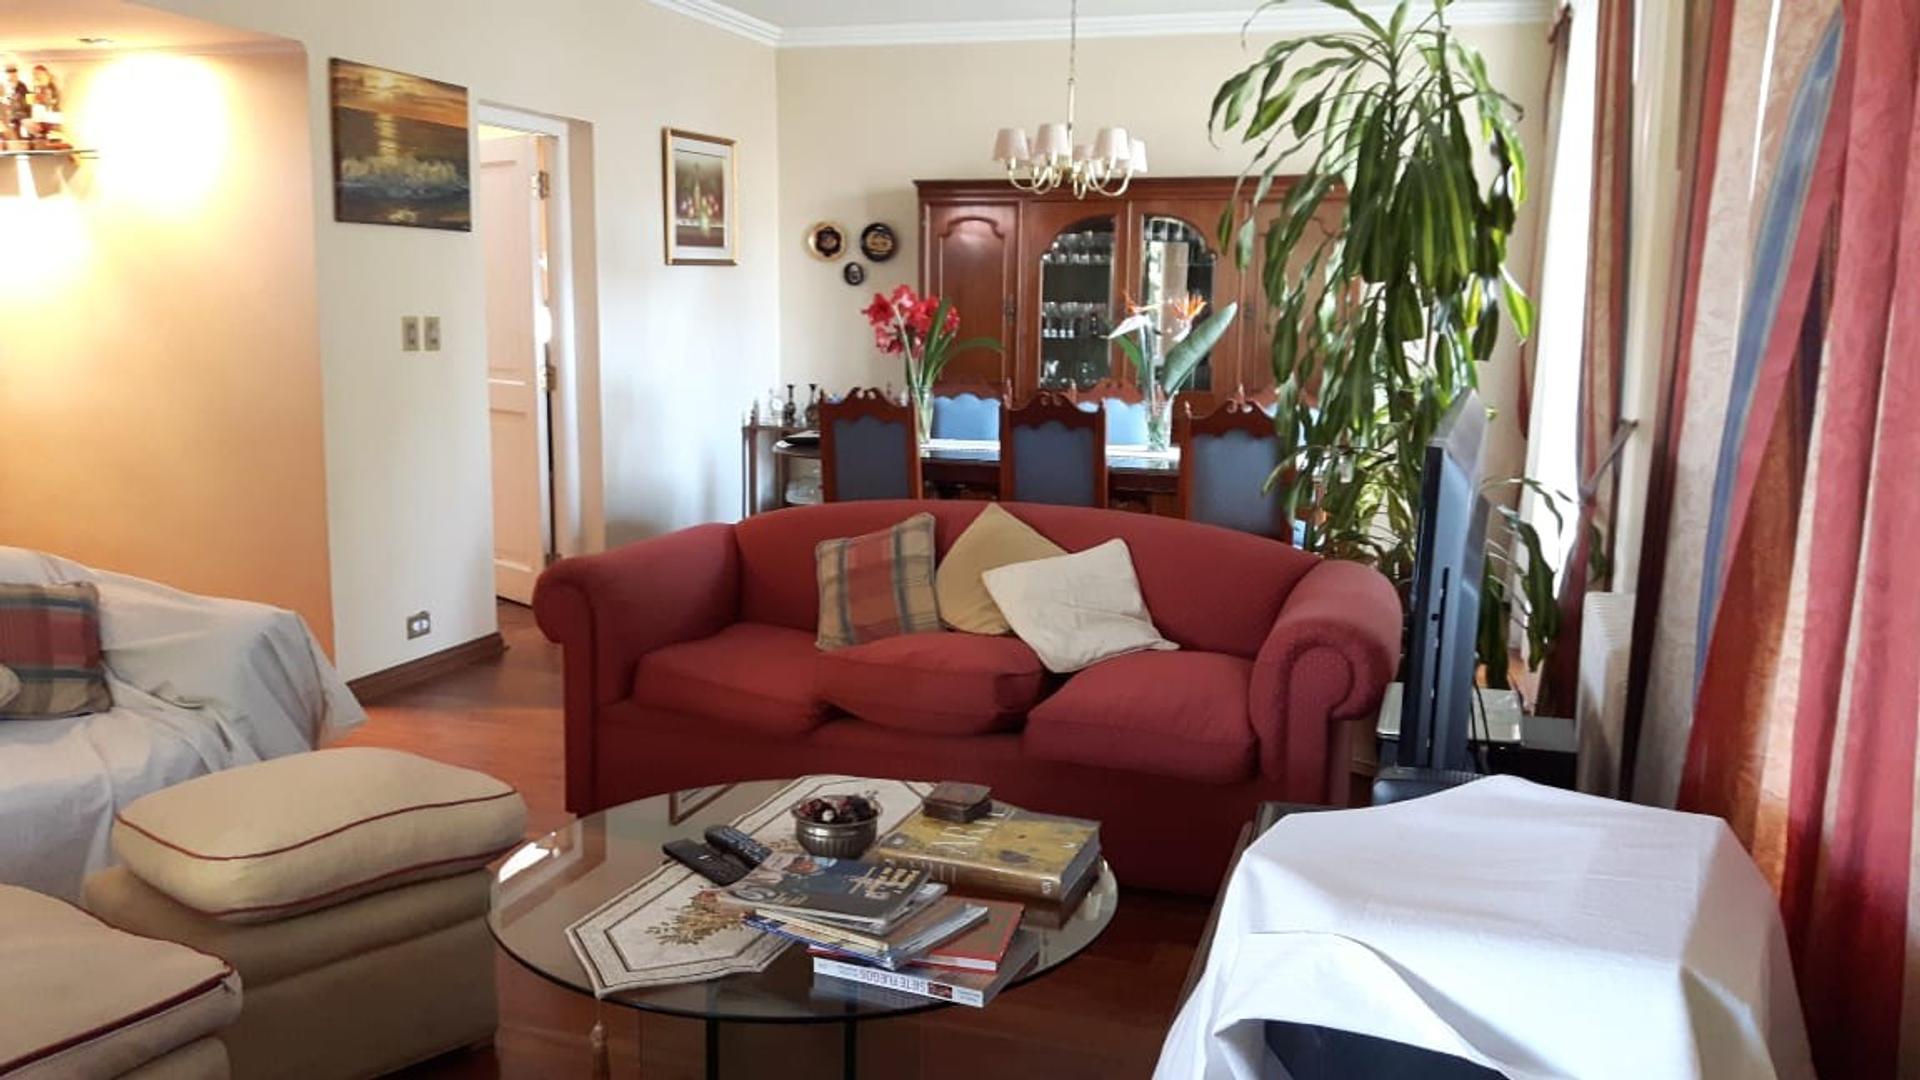 Casa - 450 m² | 4 dormitorios | 20 años